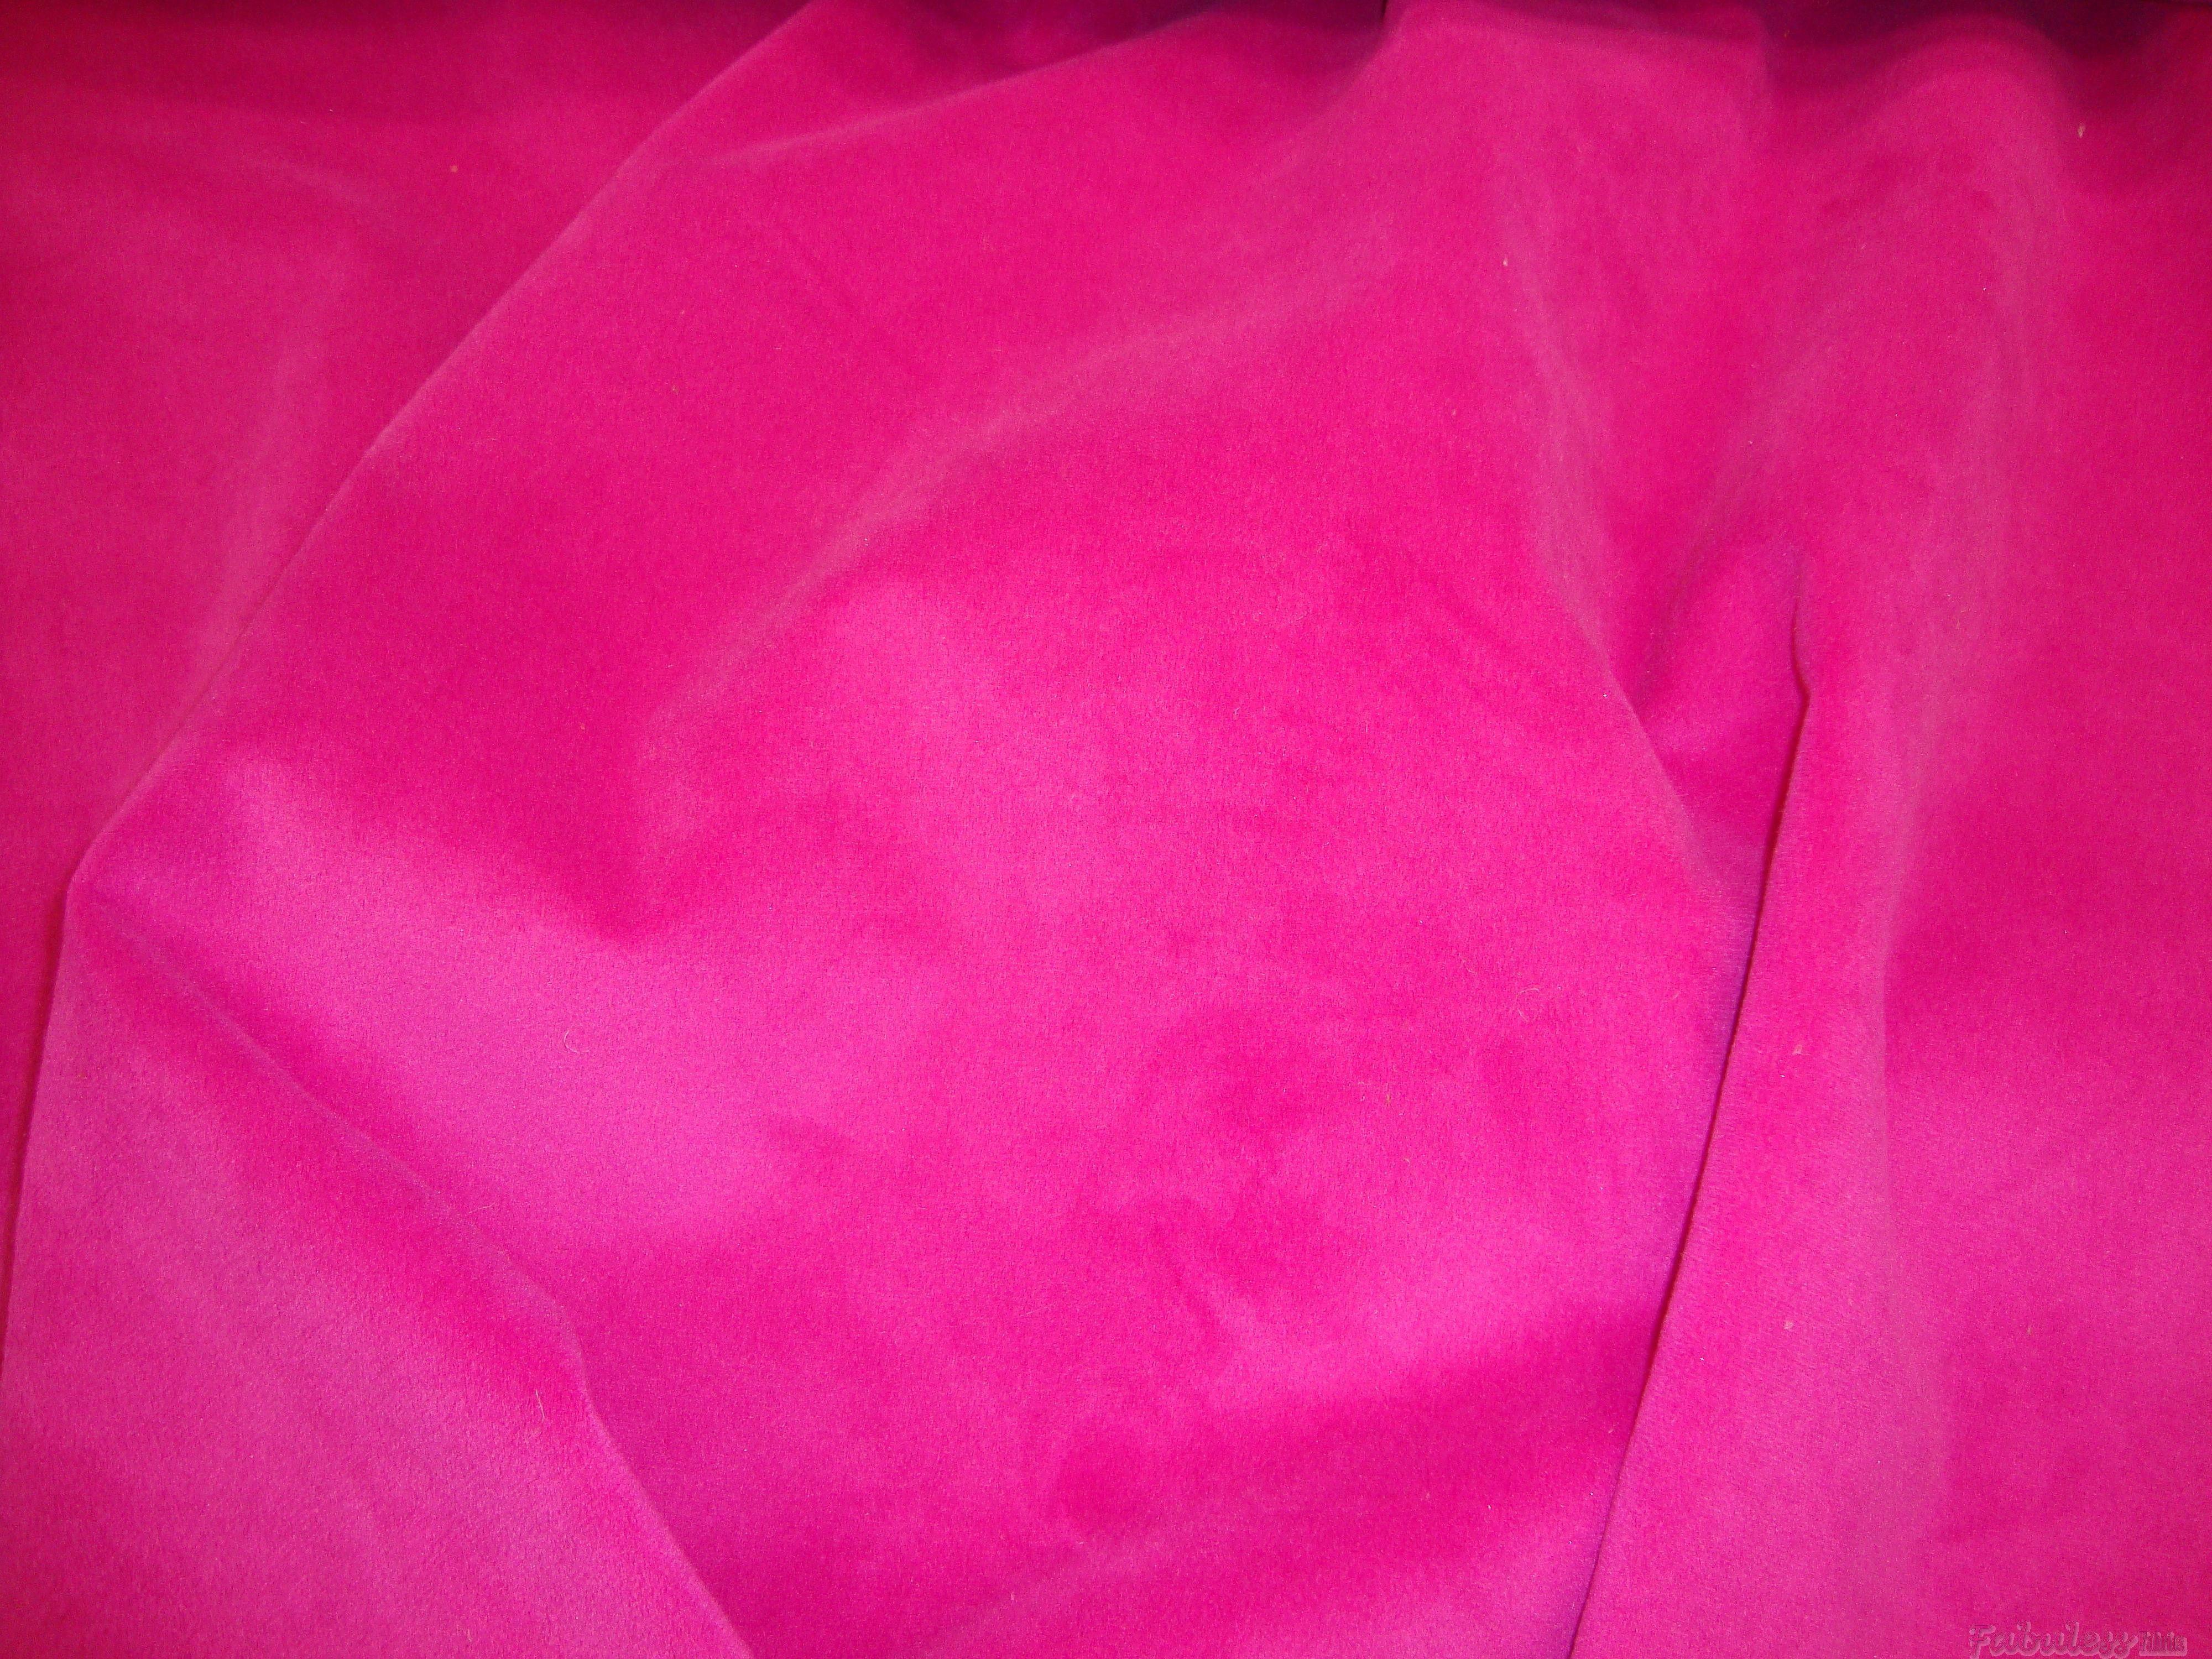 Hot Pink Upholstery Plush Velvet Upholstery Hot Pink Fabric